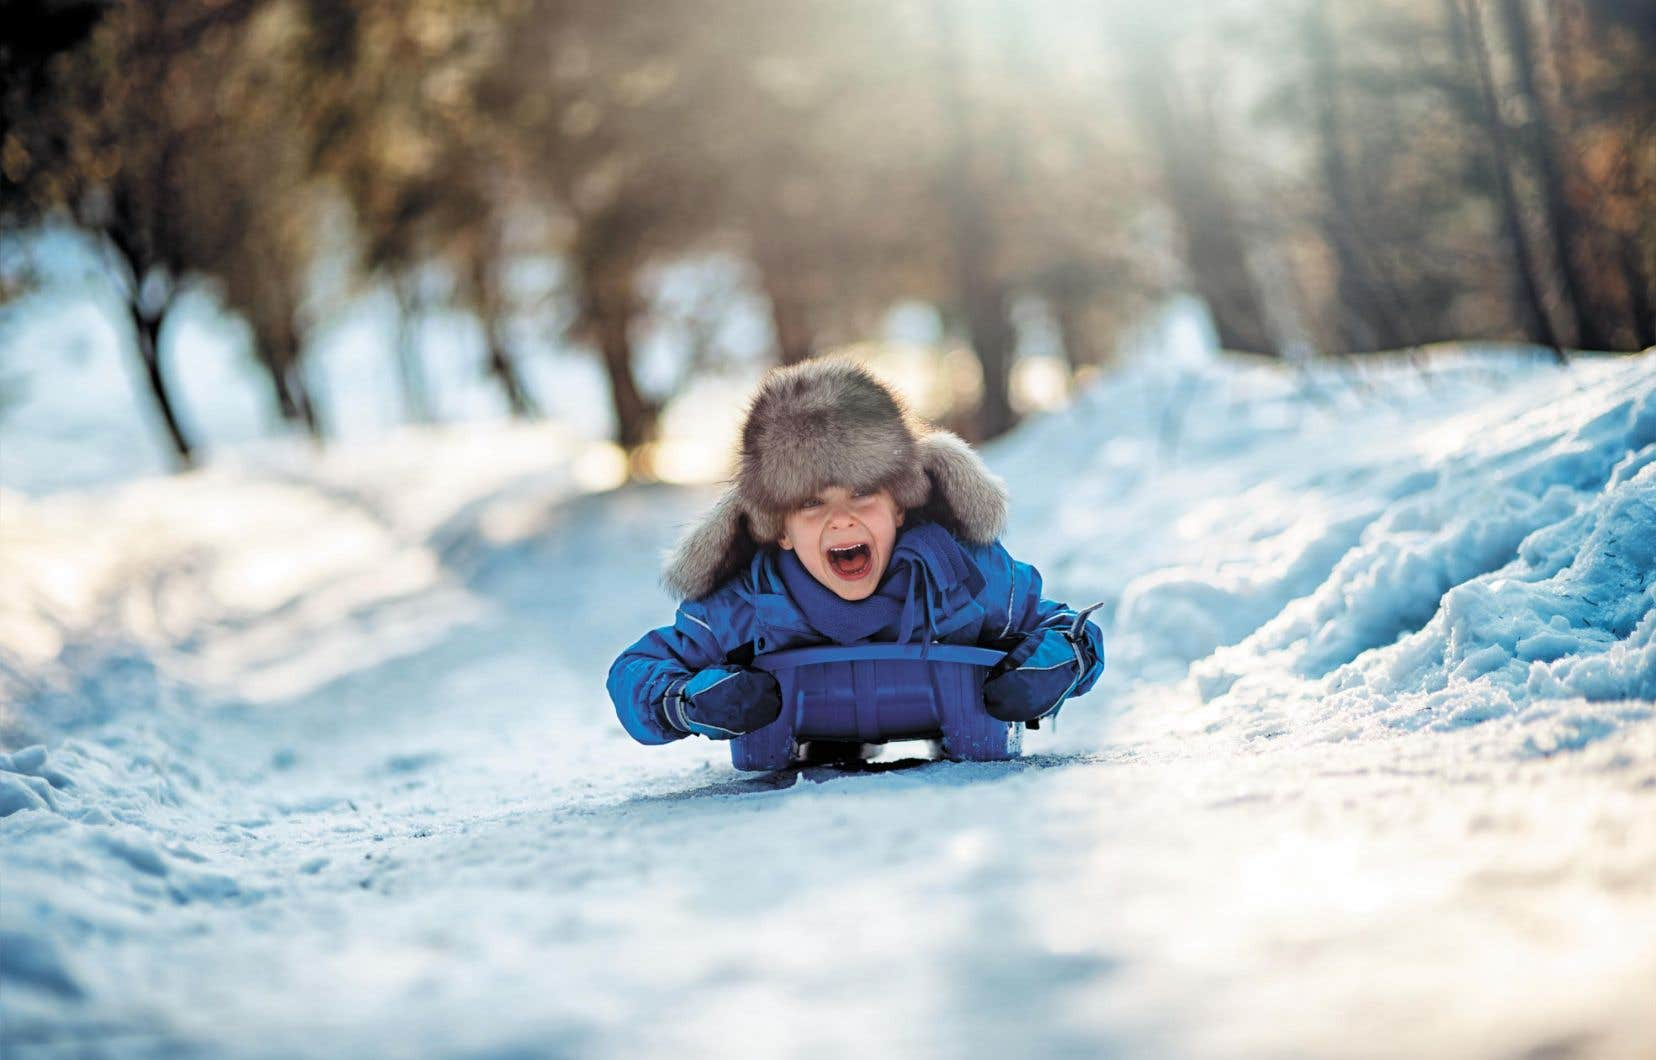 Du 4 au 11mars, c'est le moment parfait pour envoyer les enfants jouer dehors.